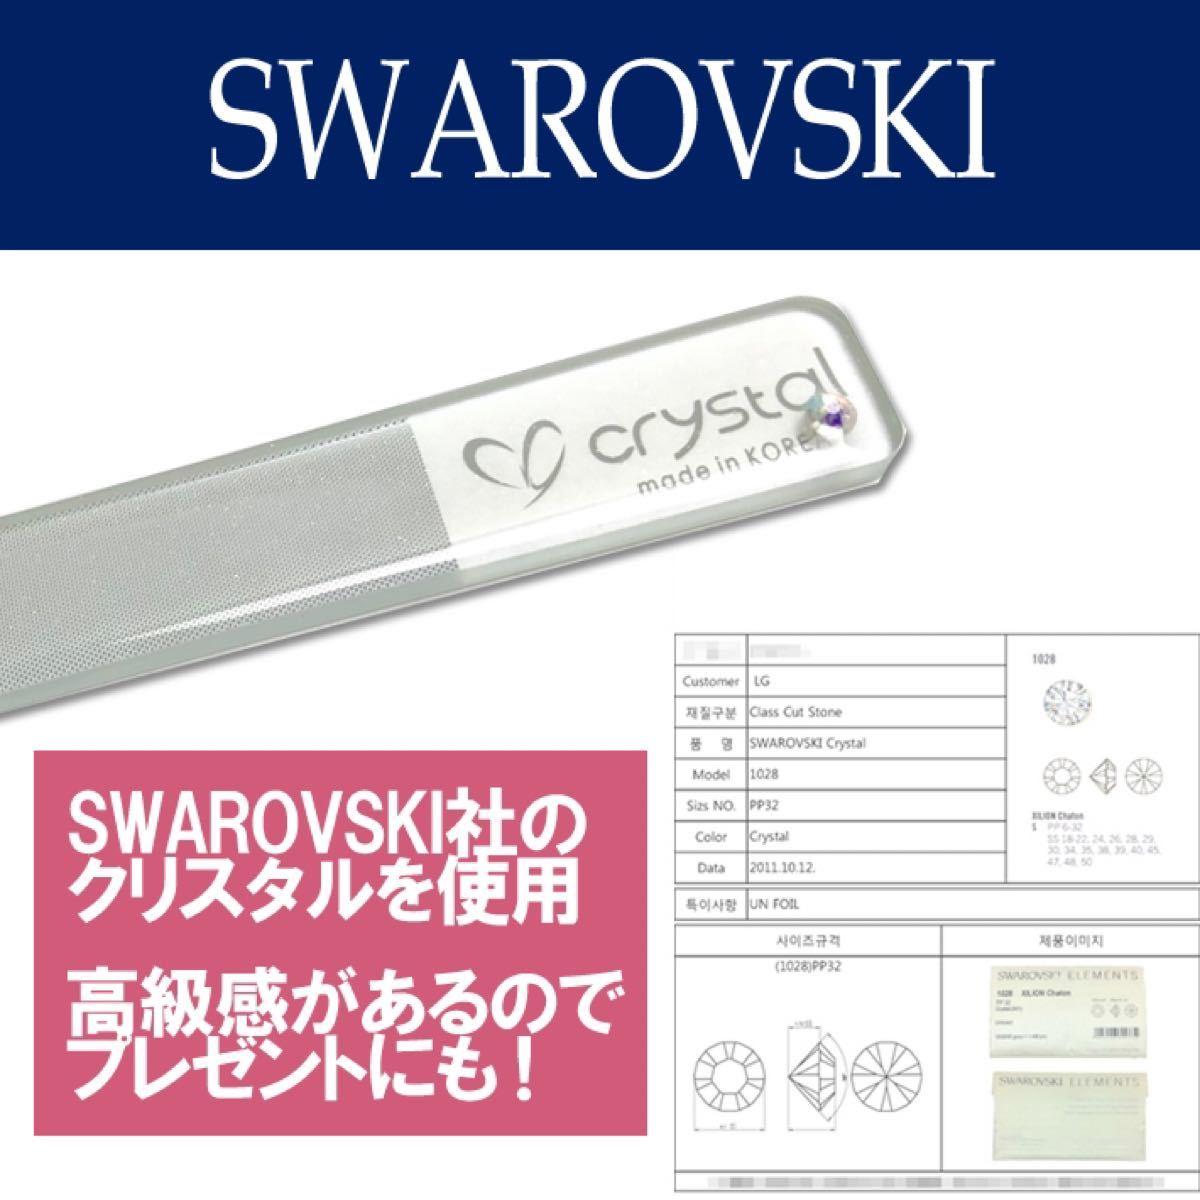 スワロフスキー付きガラス爪やすり★